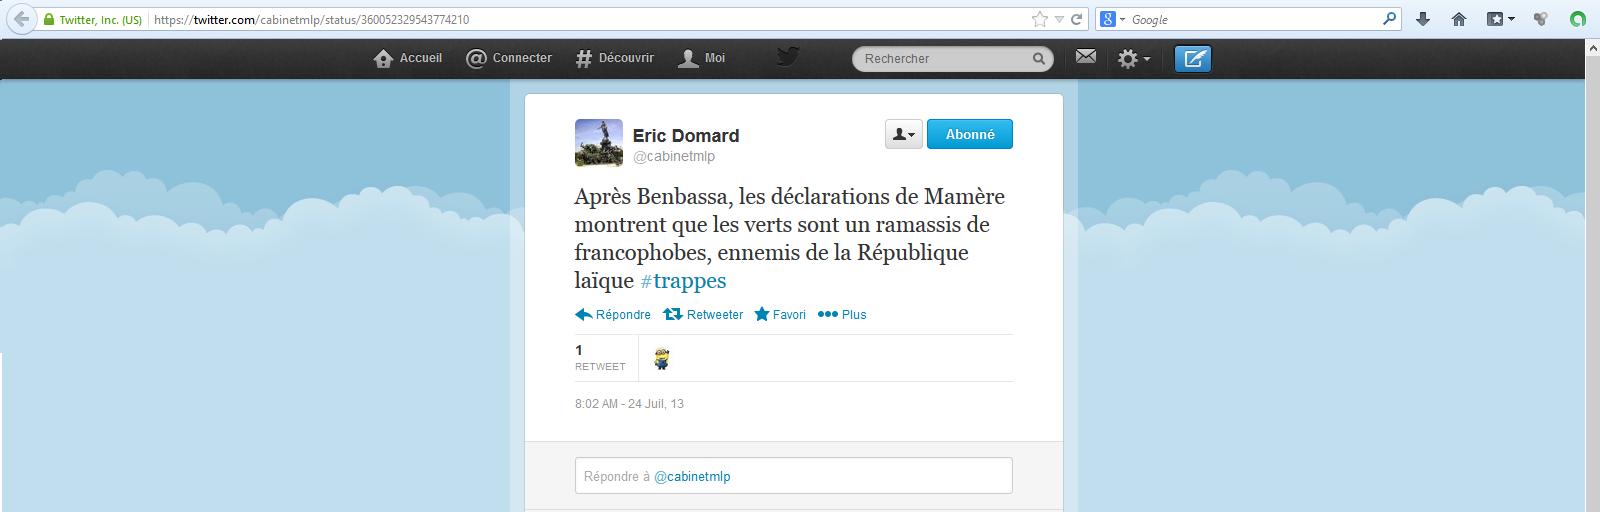 Eric-Domard-24-07-13-Les-verts-sont-un-ramassis-de-francophobes